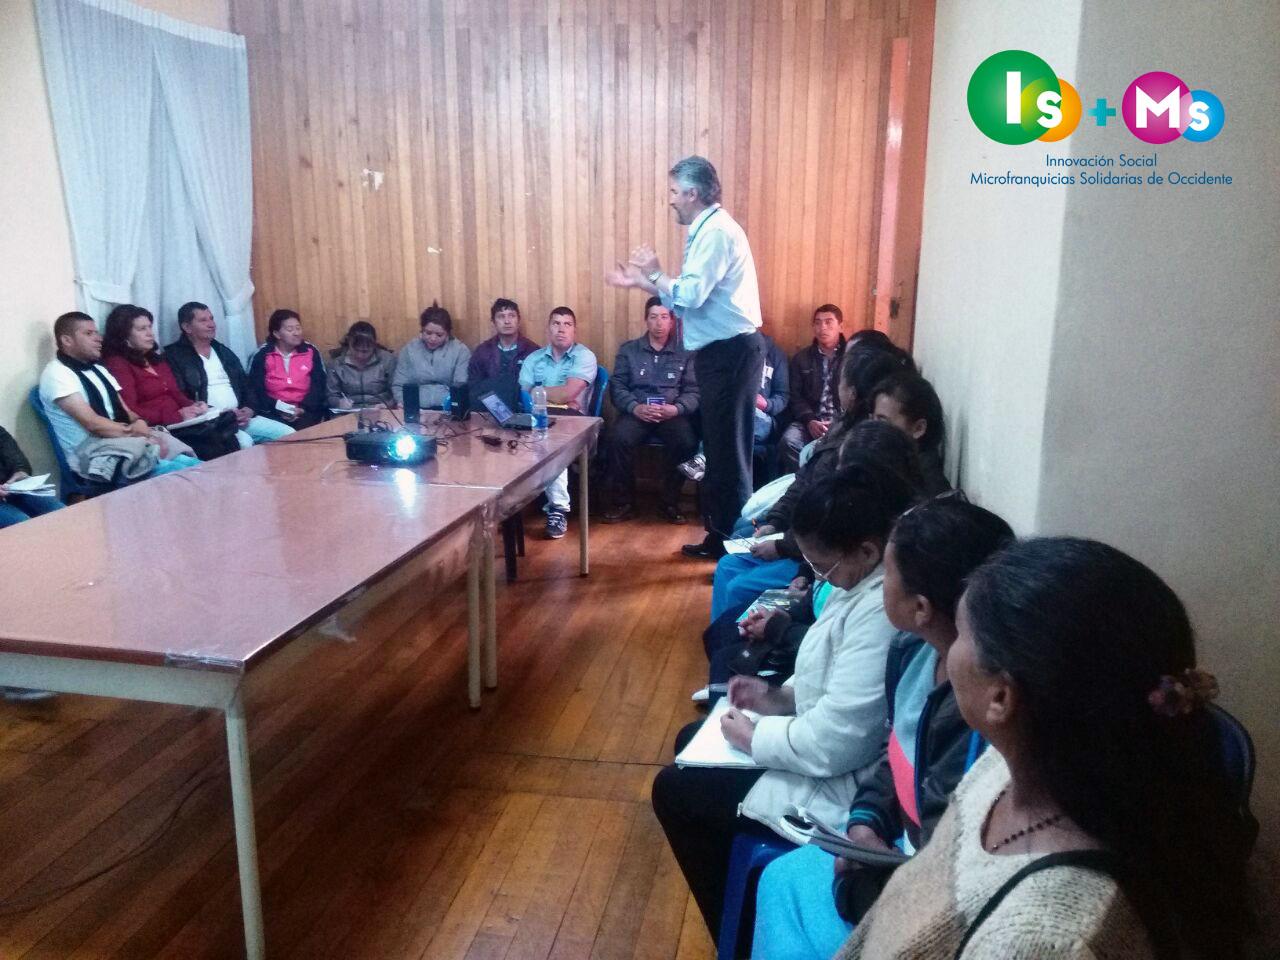 Microfranquicias Solidarias de Occidente: Microfranquicias ...